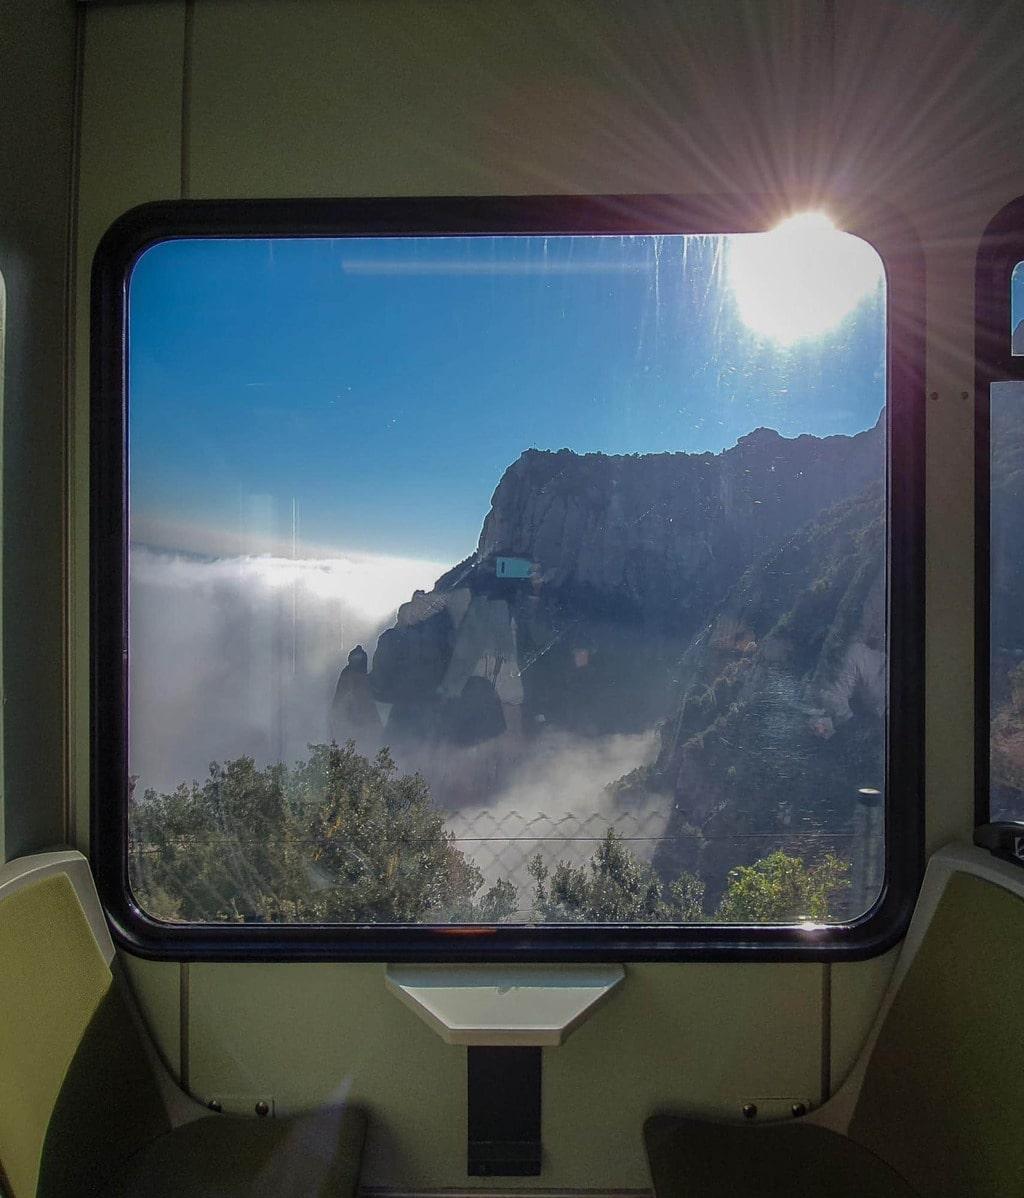 Cremallera train views arriving in Montserrat